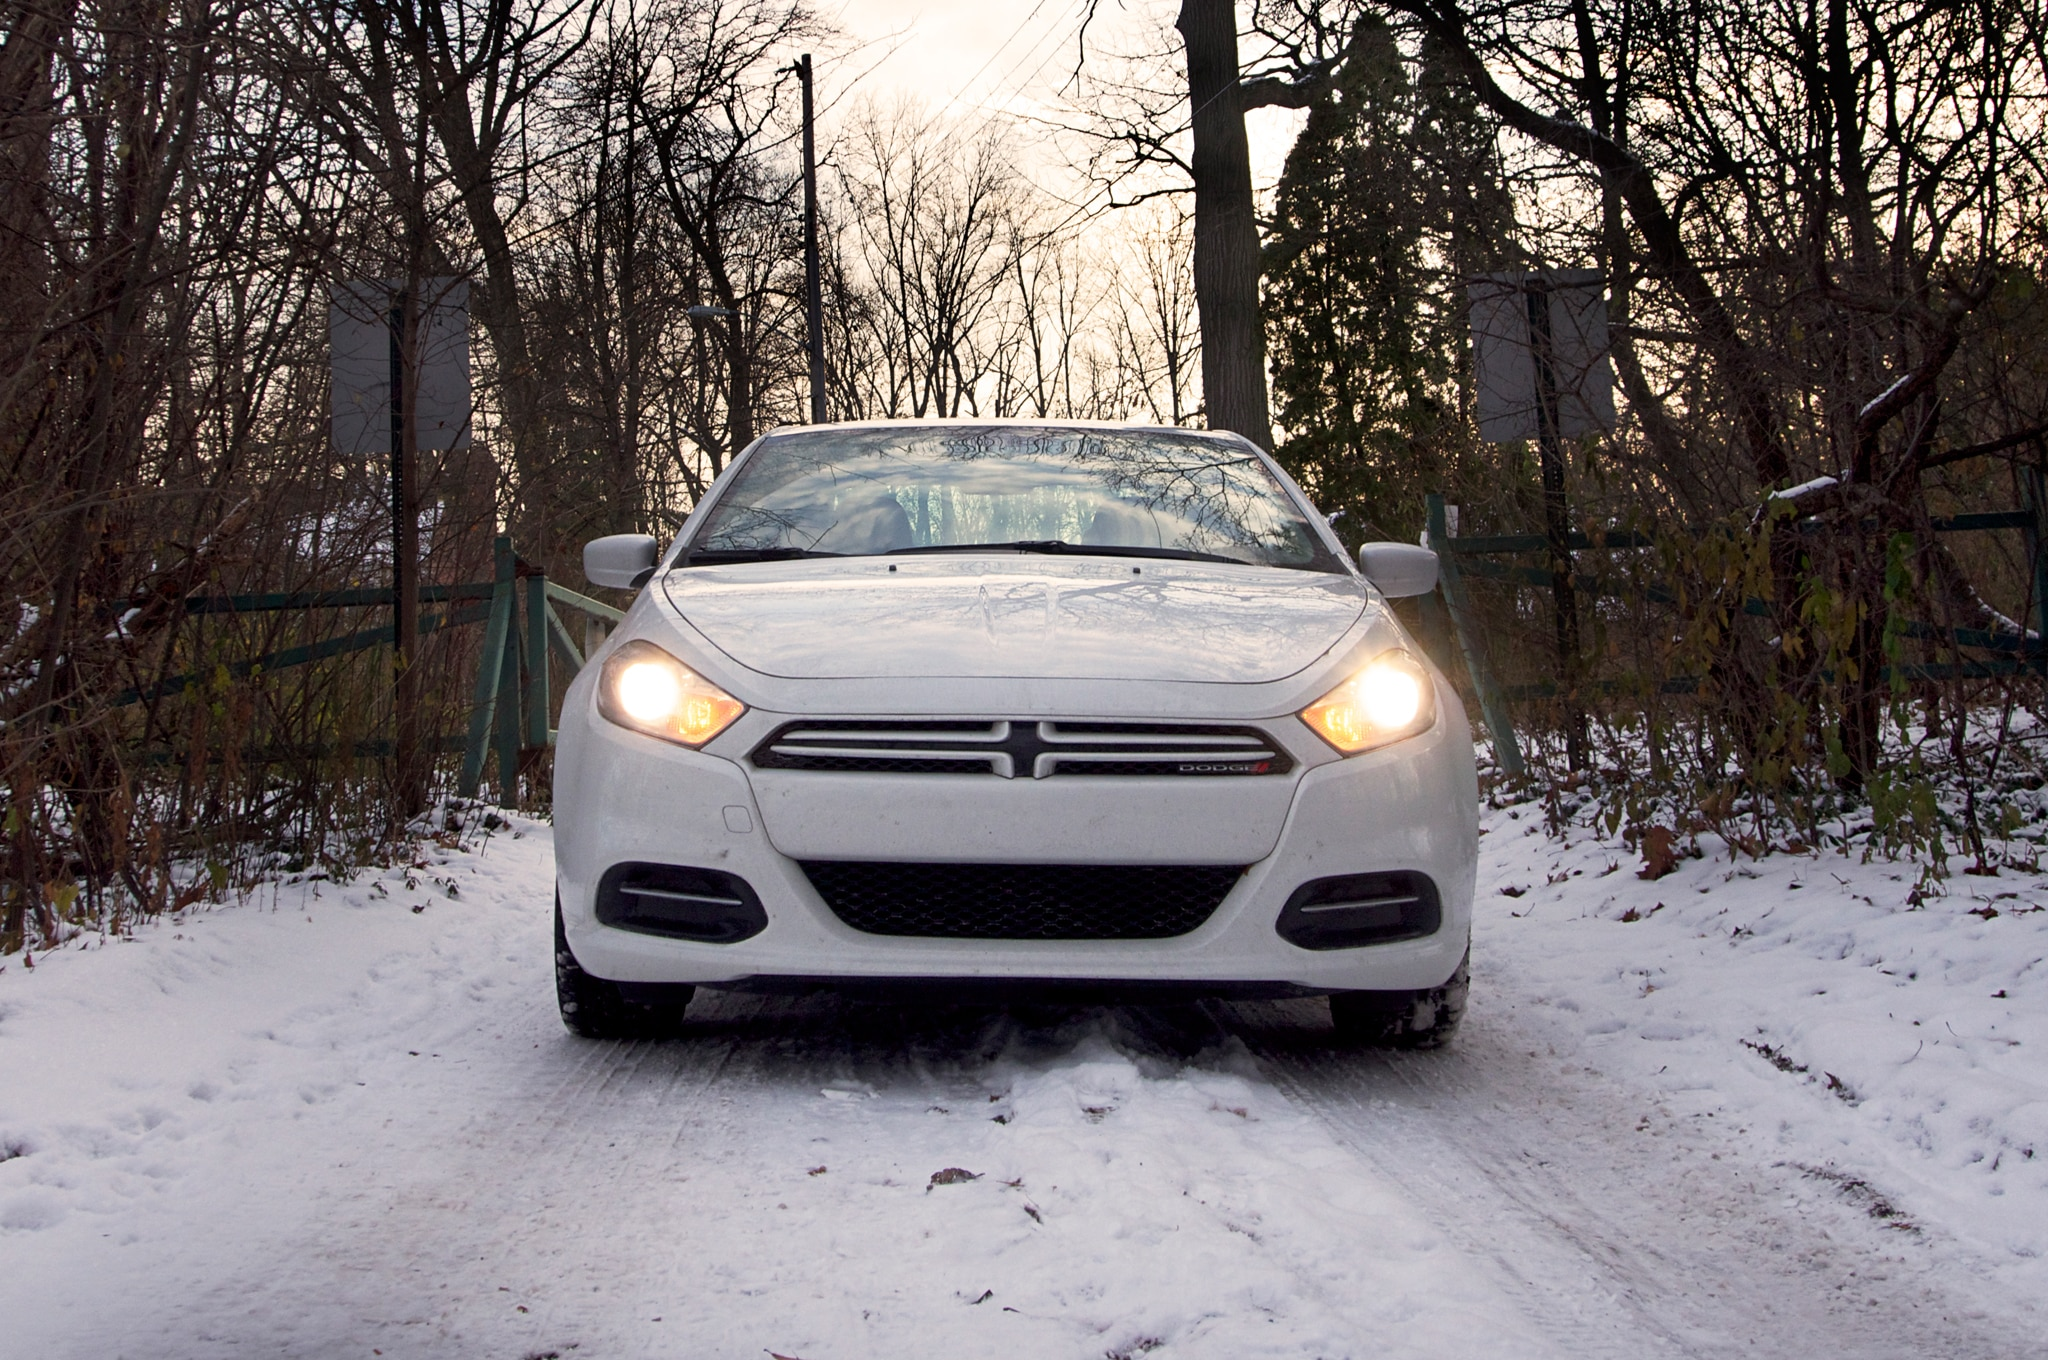 2013 Dodge Dart Sxt Front Snow1